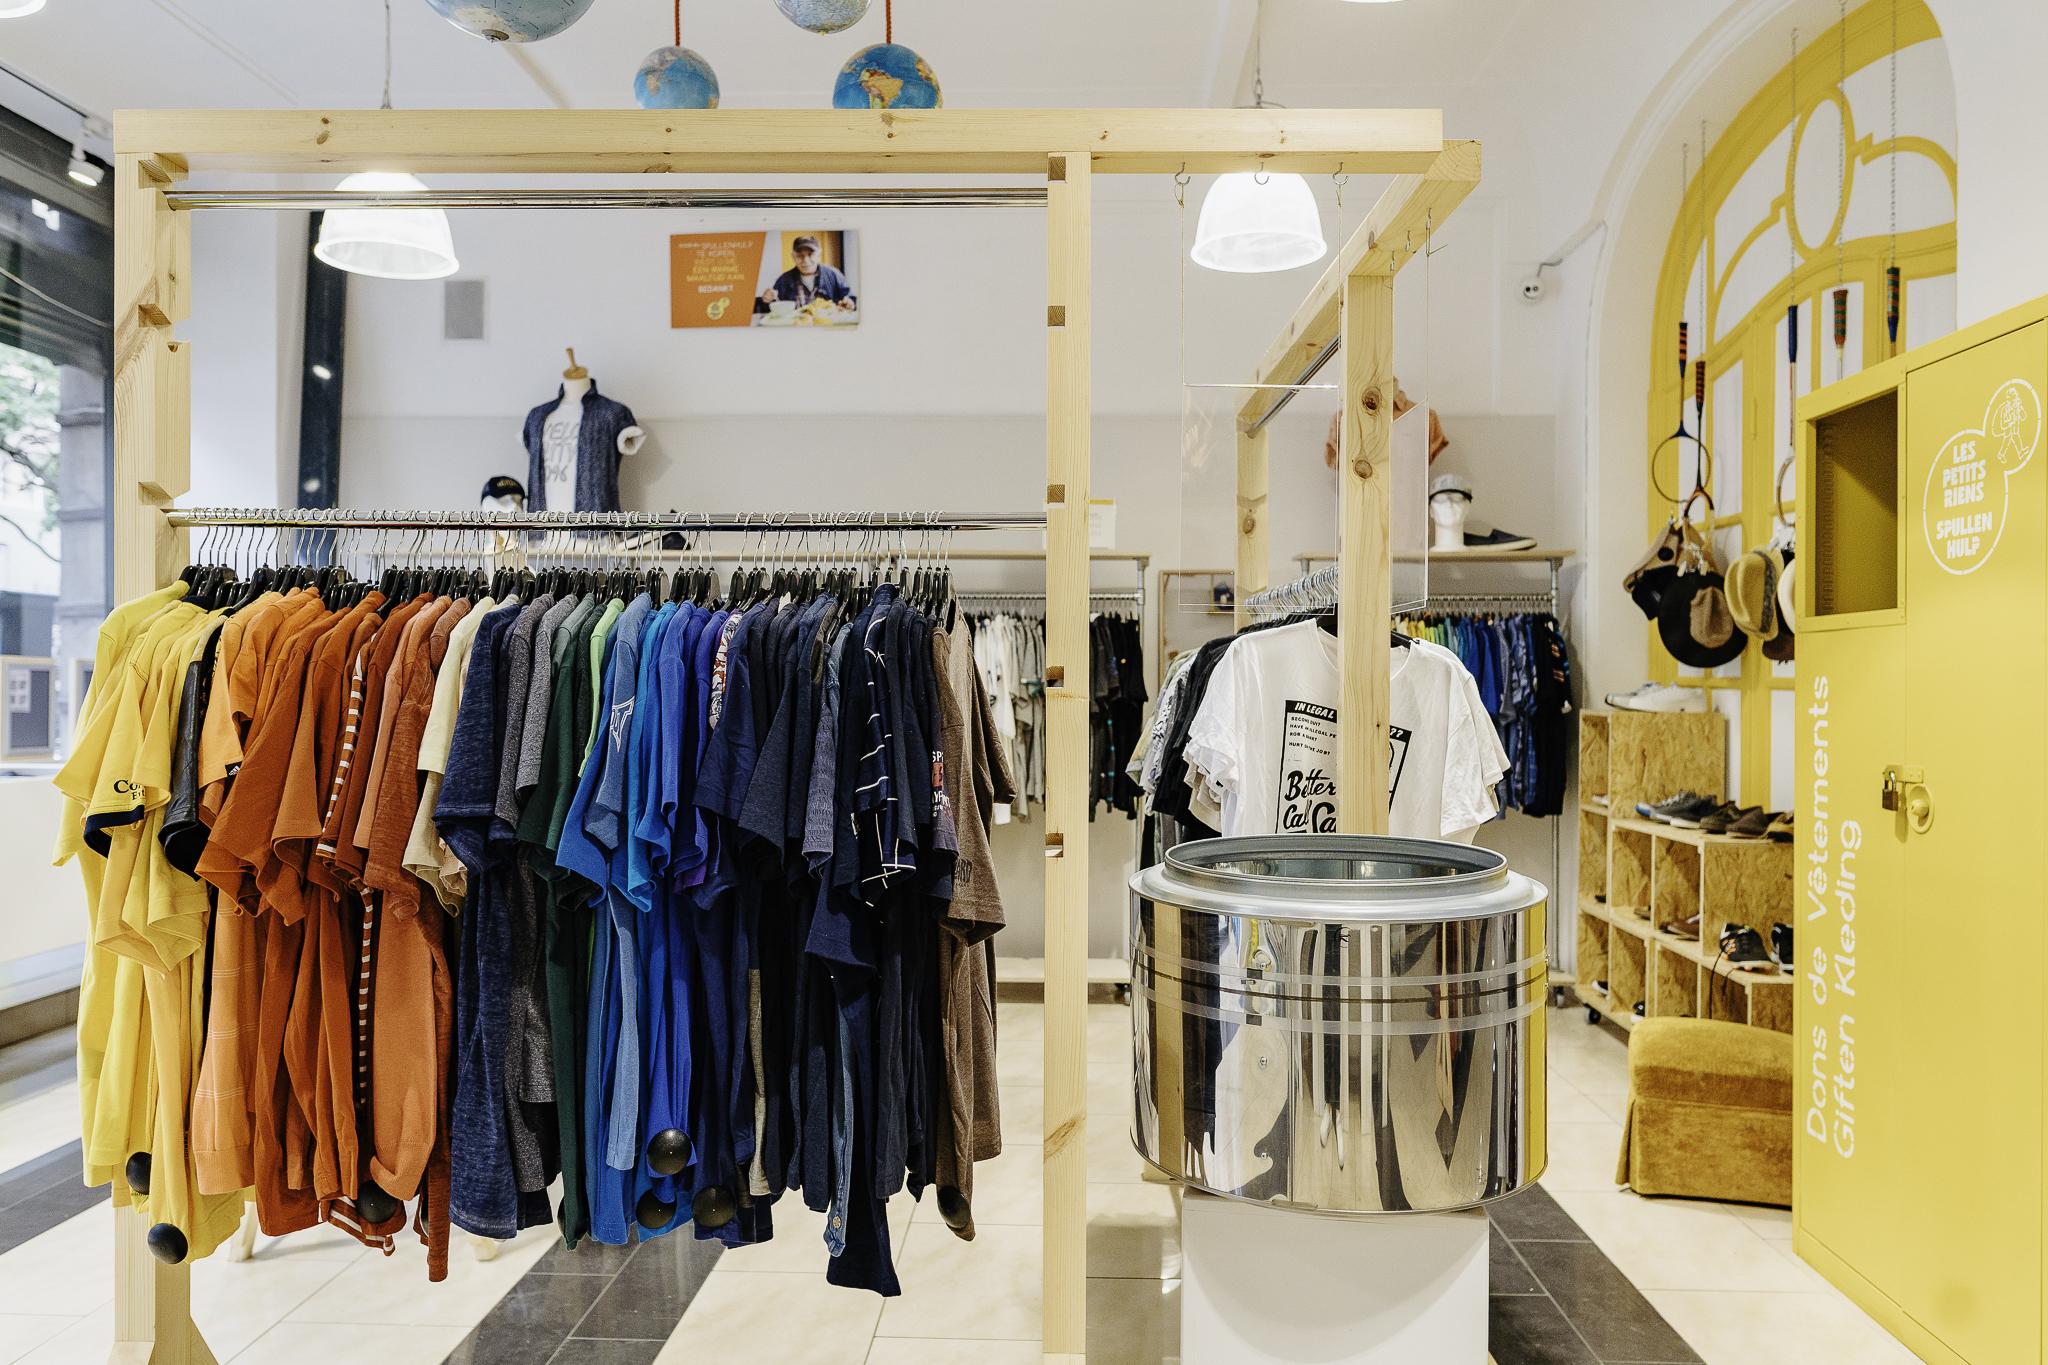 Geleidelijk heropening van onze winkels